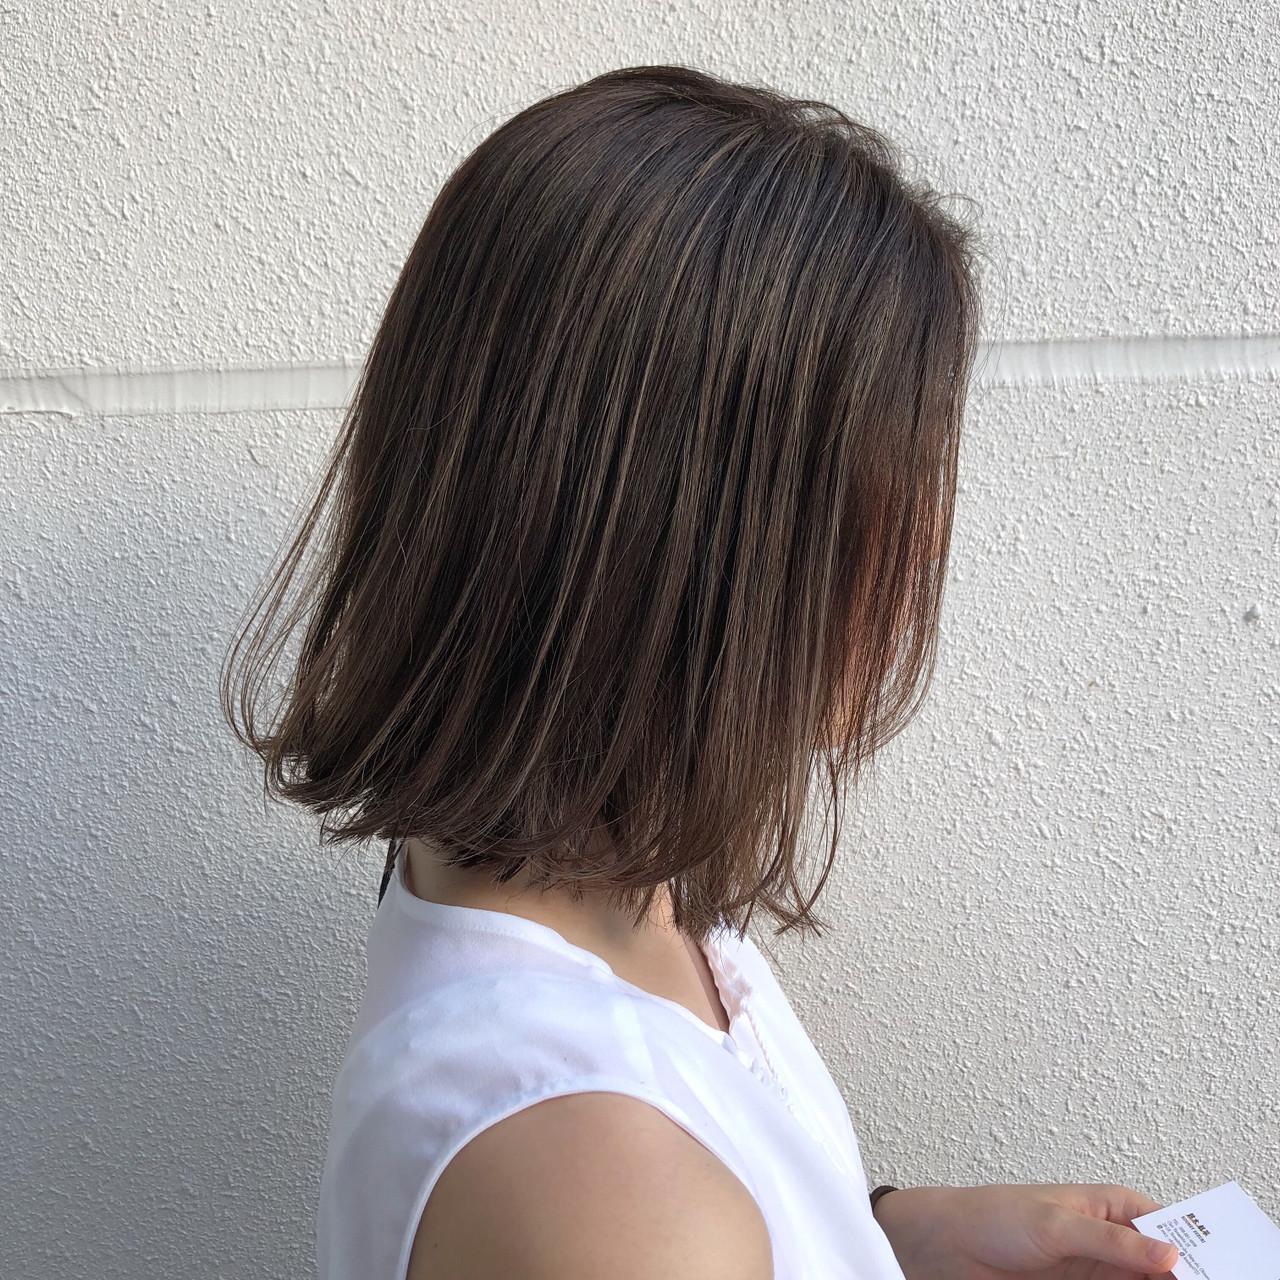 グレージュ ボブ 透明感カラー ハイライト ヘアスタイルや髪型の写真・画像 | 鈴木 航平 / STACY